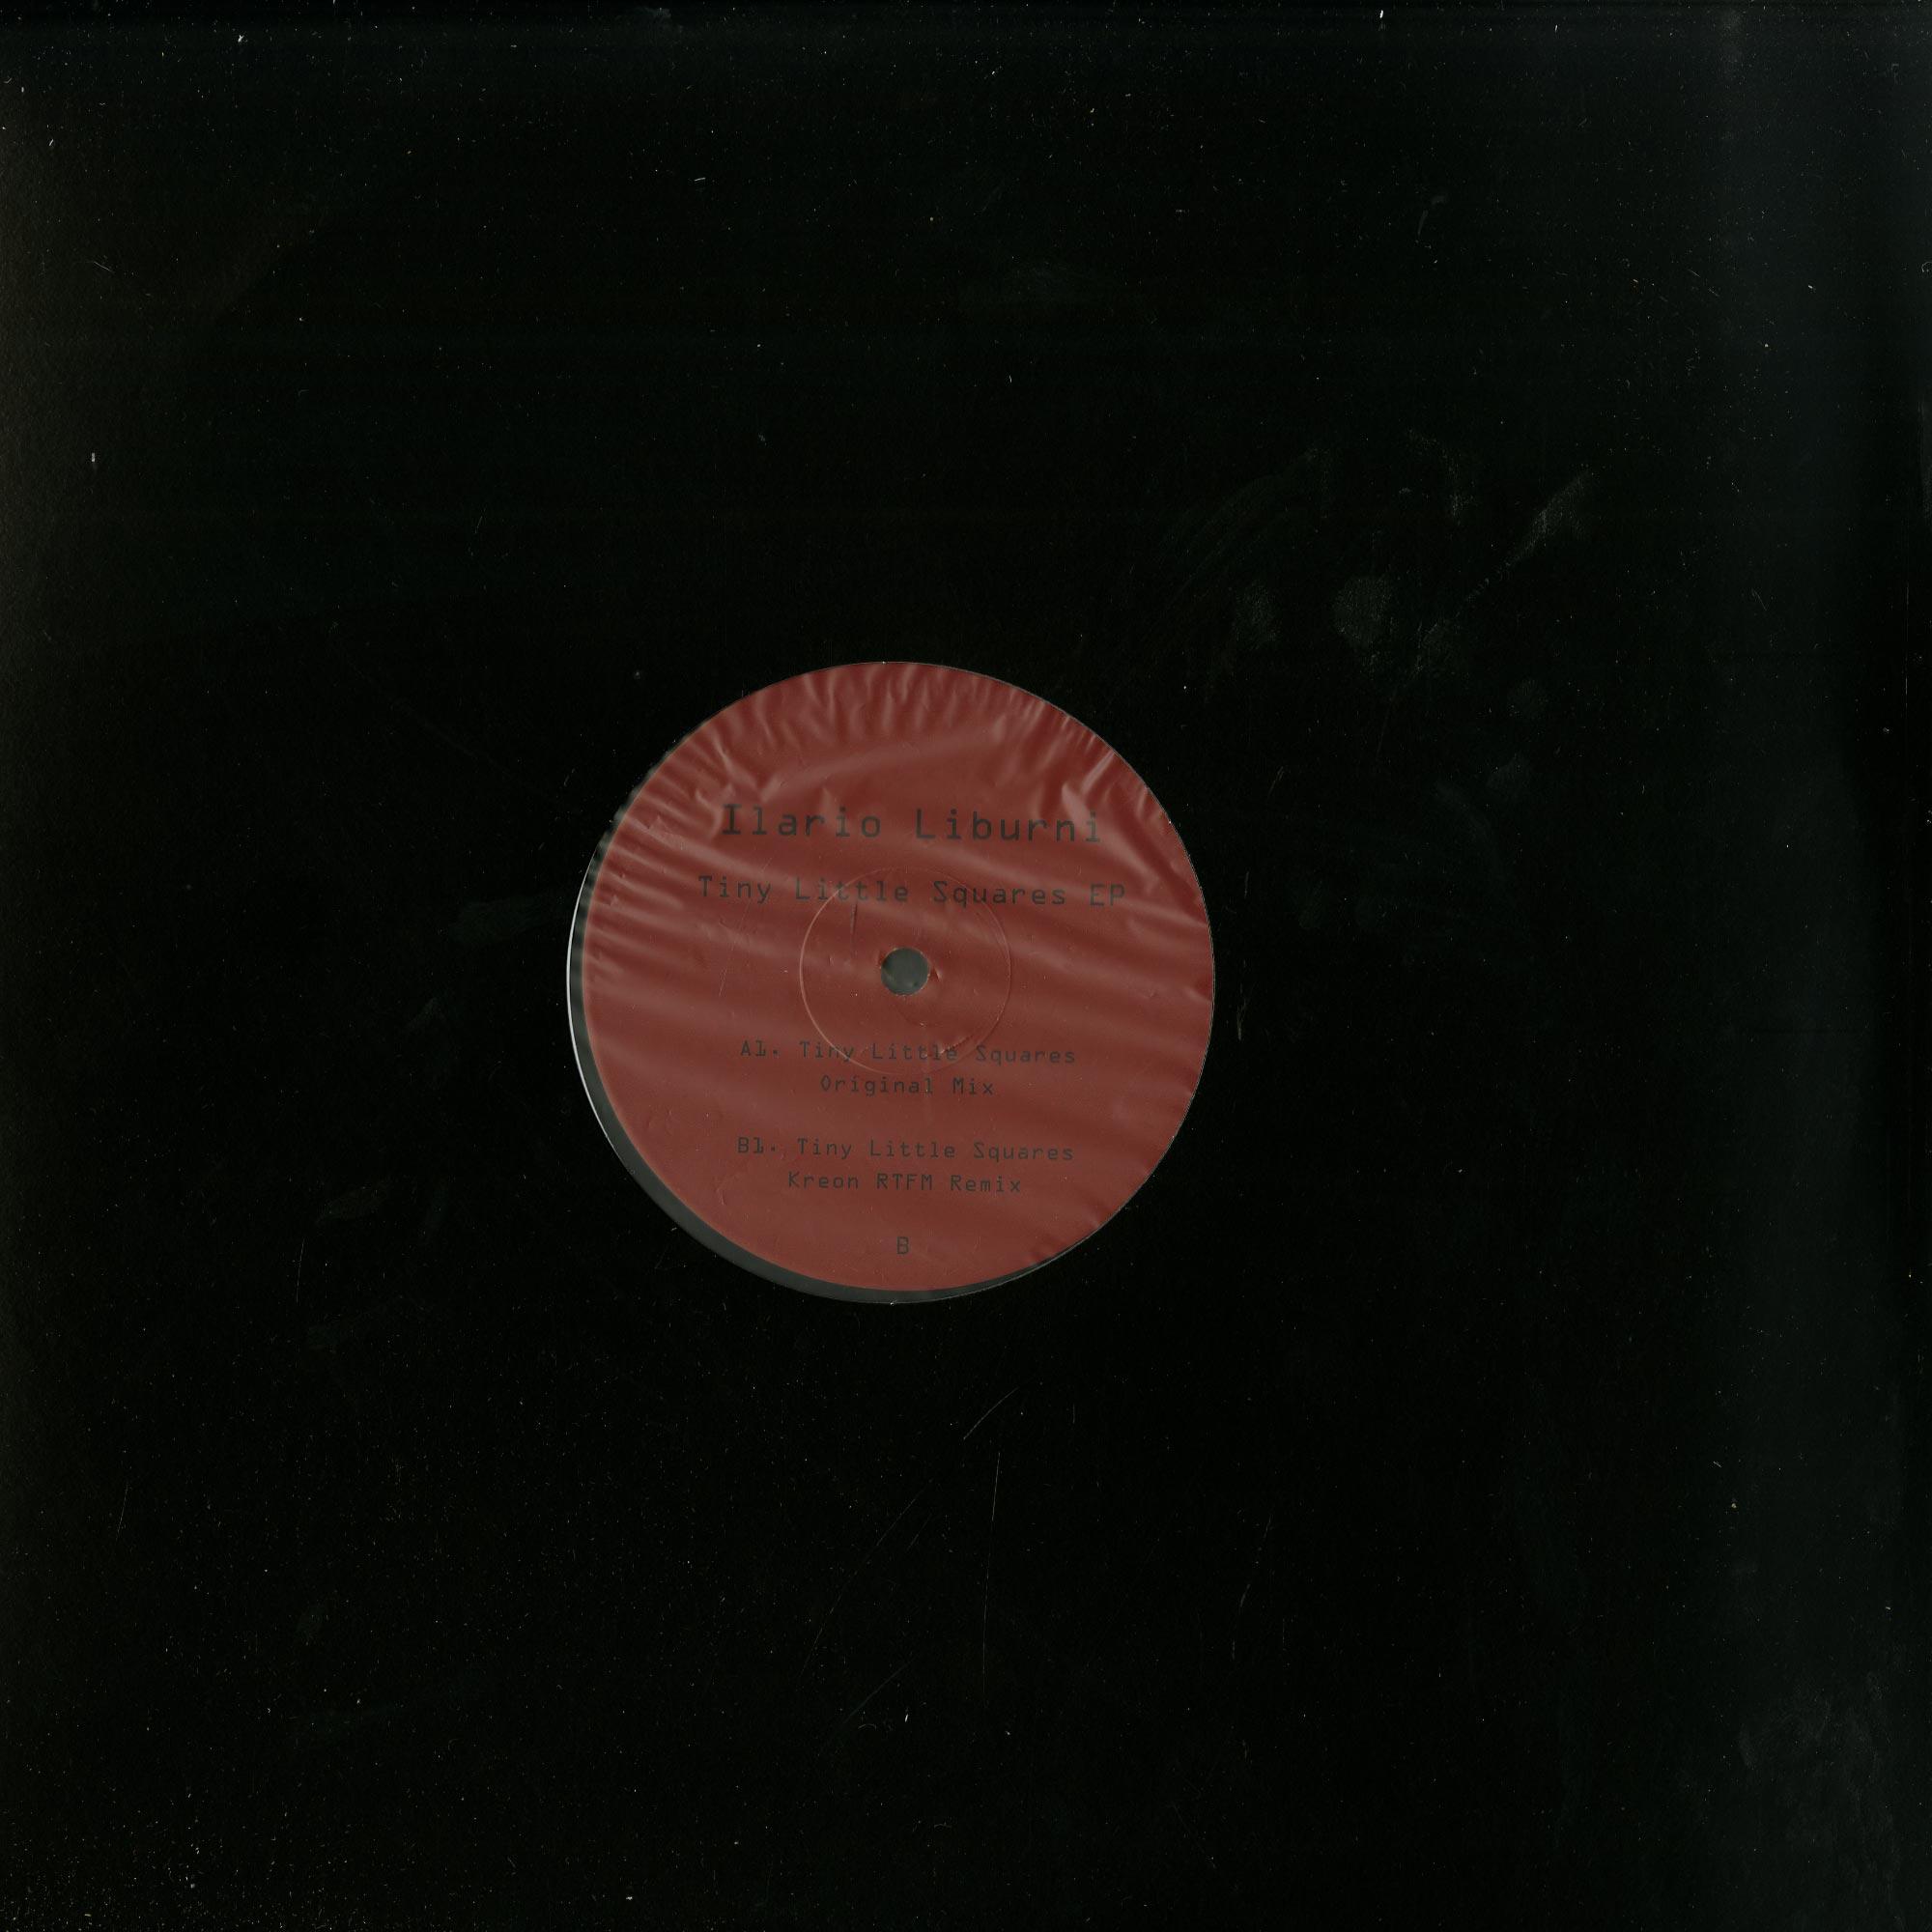 Ilario Liburni - TINY LITTLE SQUARES EP